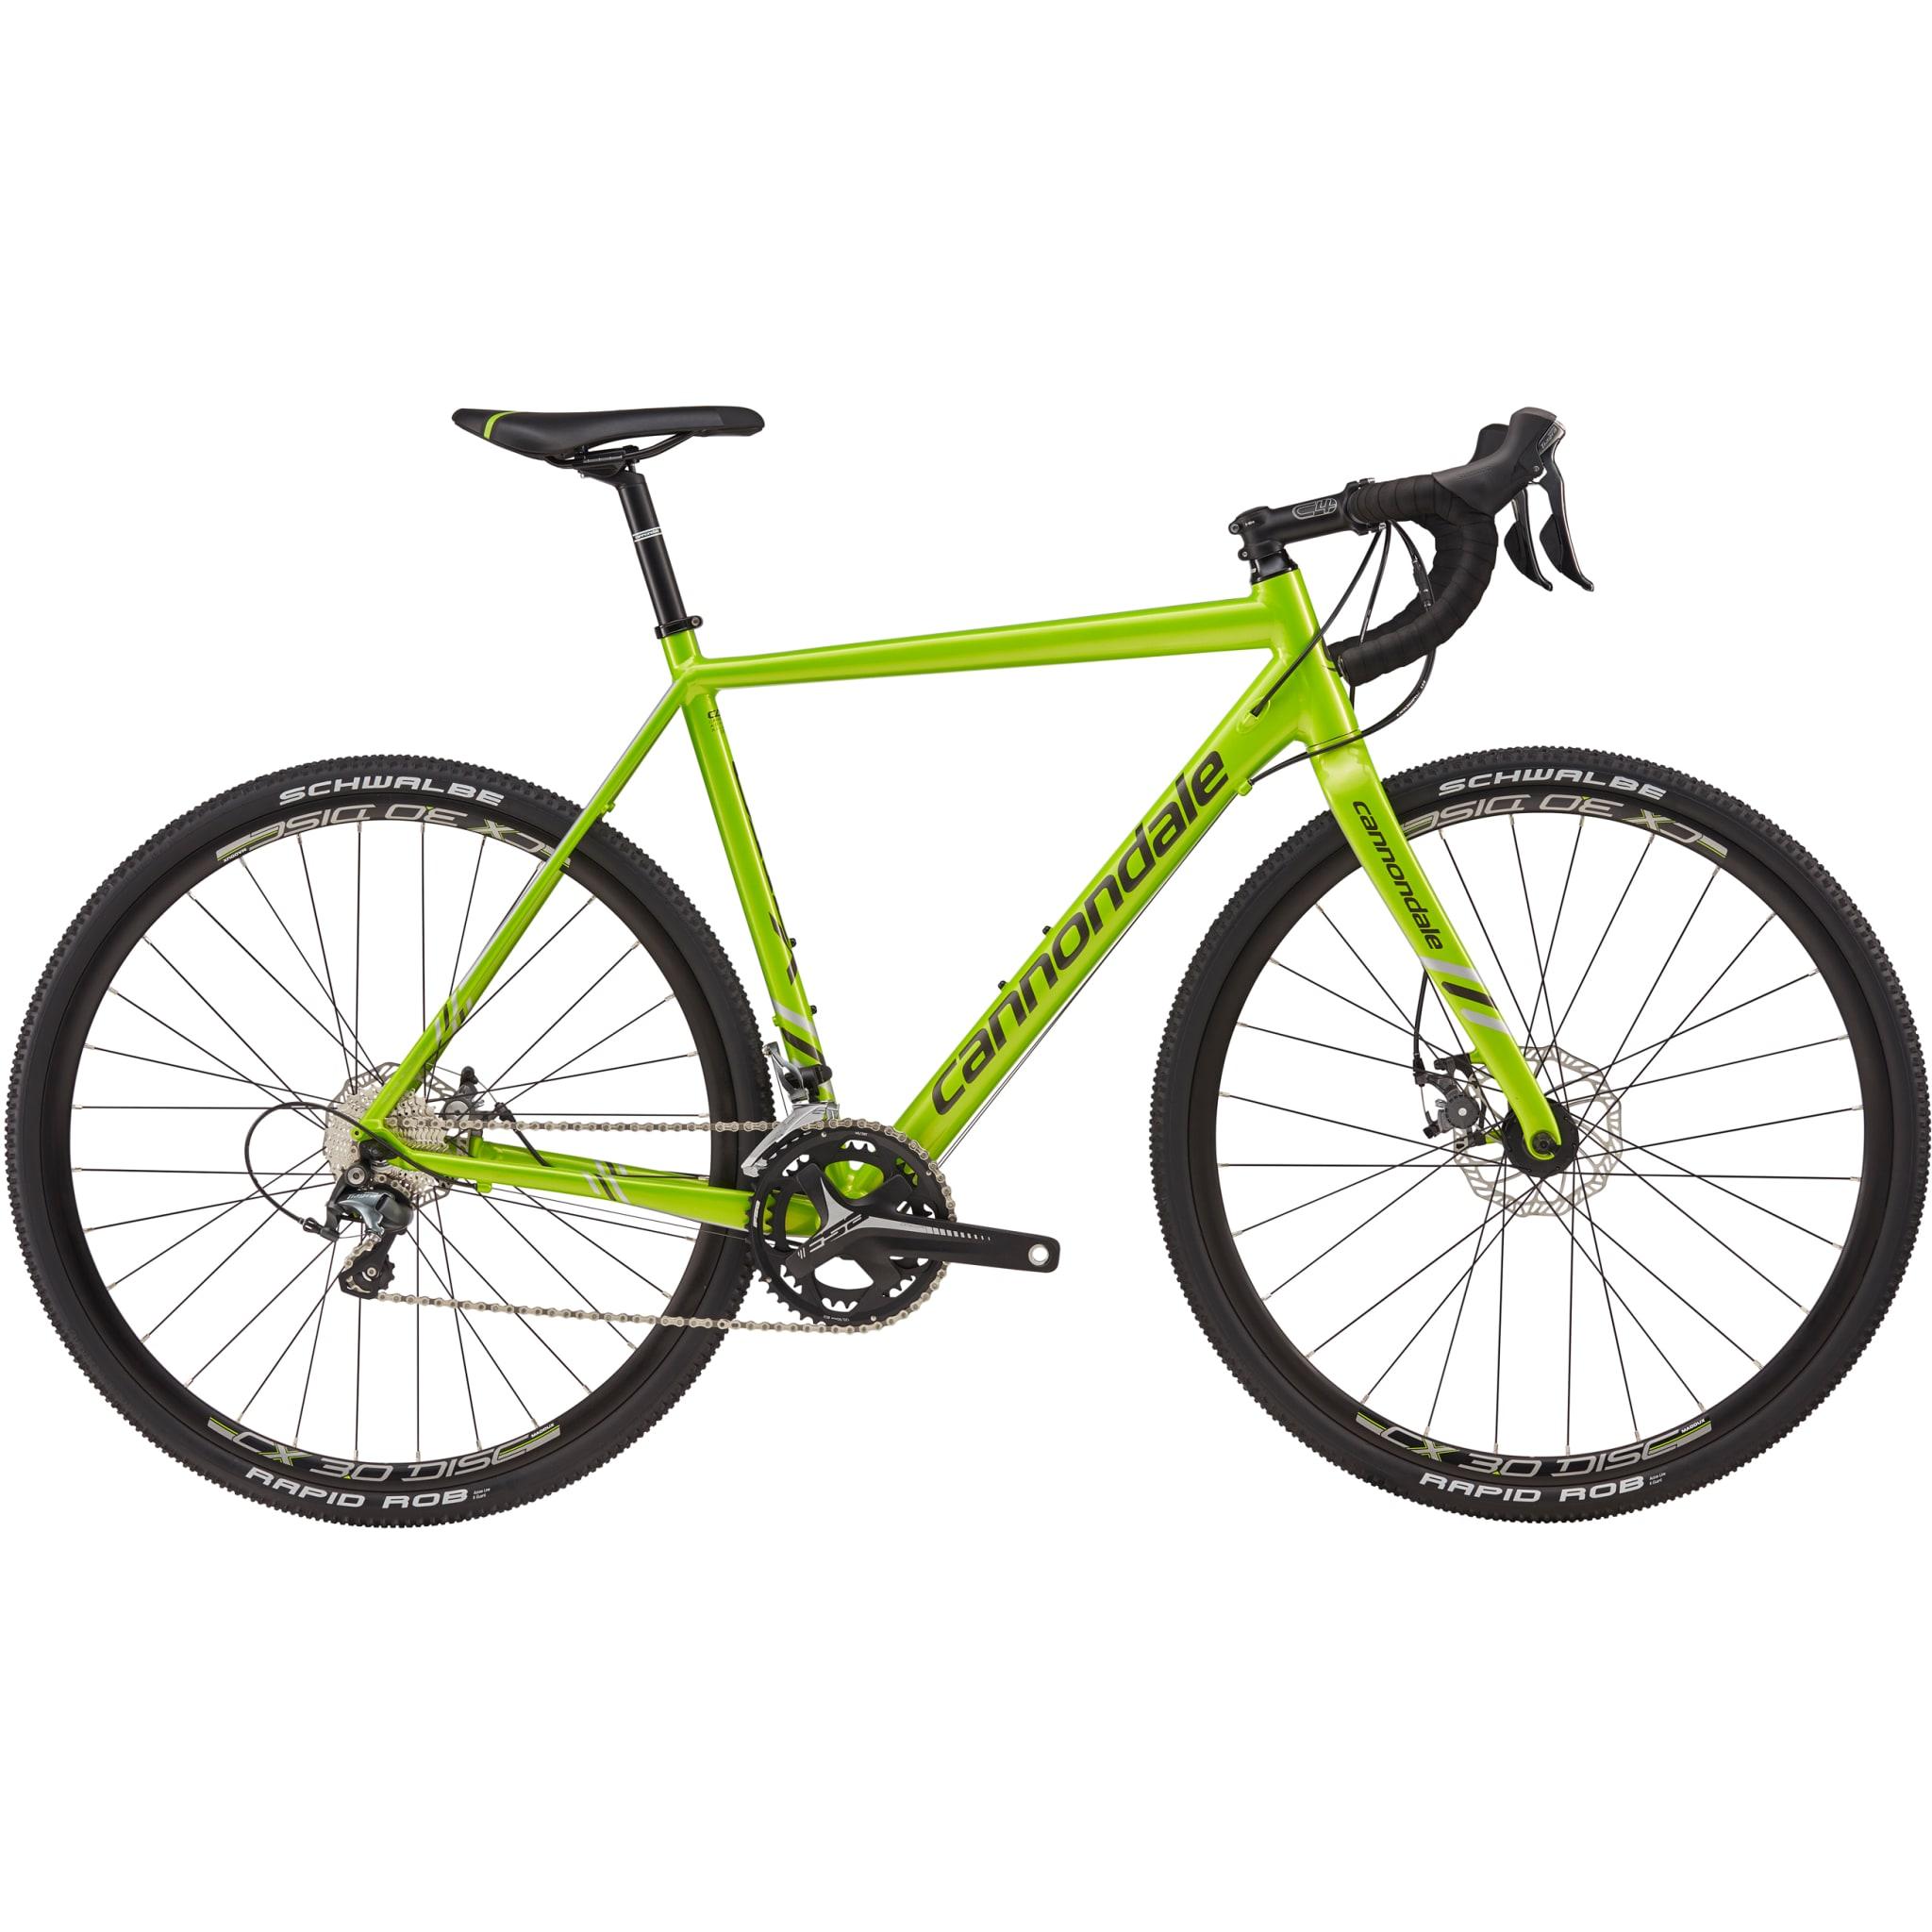 Perfekte første sykkel innen cyclocross.